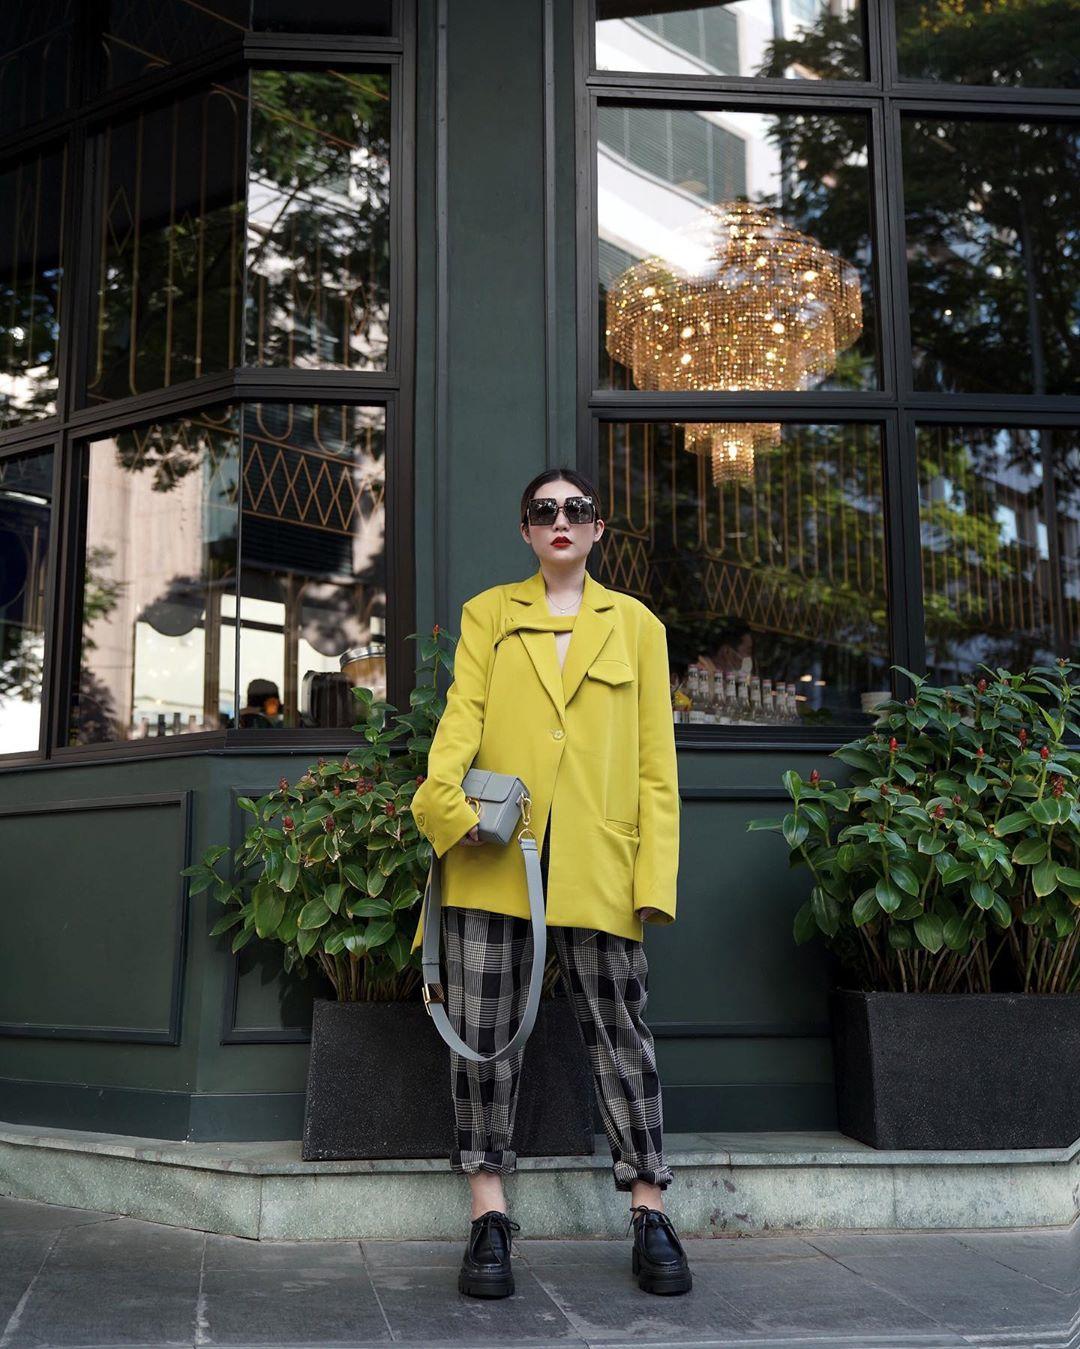 stylist lâm thúy nhàn trả lời phỏng vấn về local brand trong dịch COVID-19